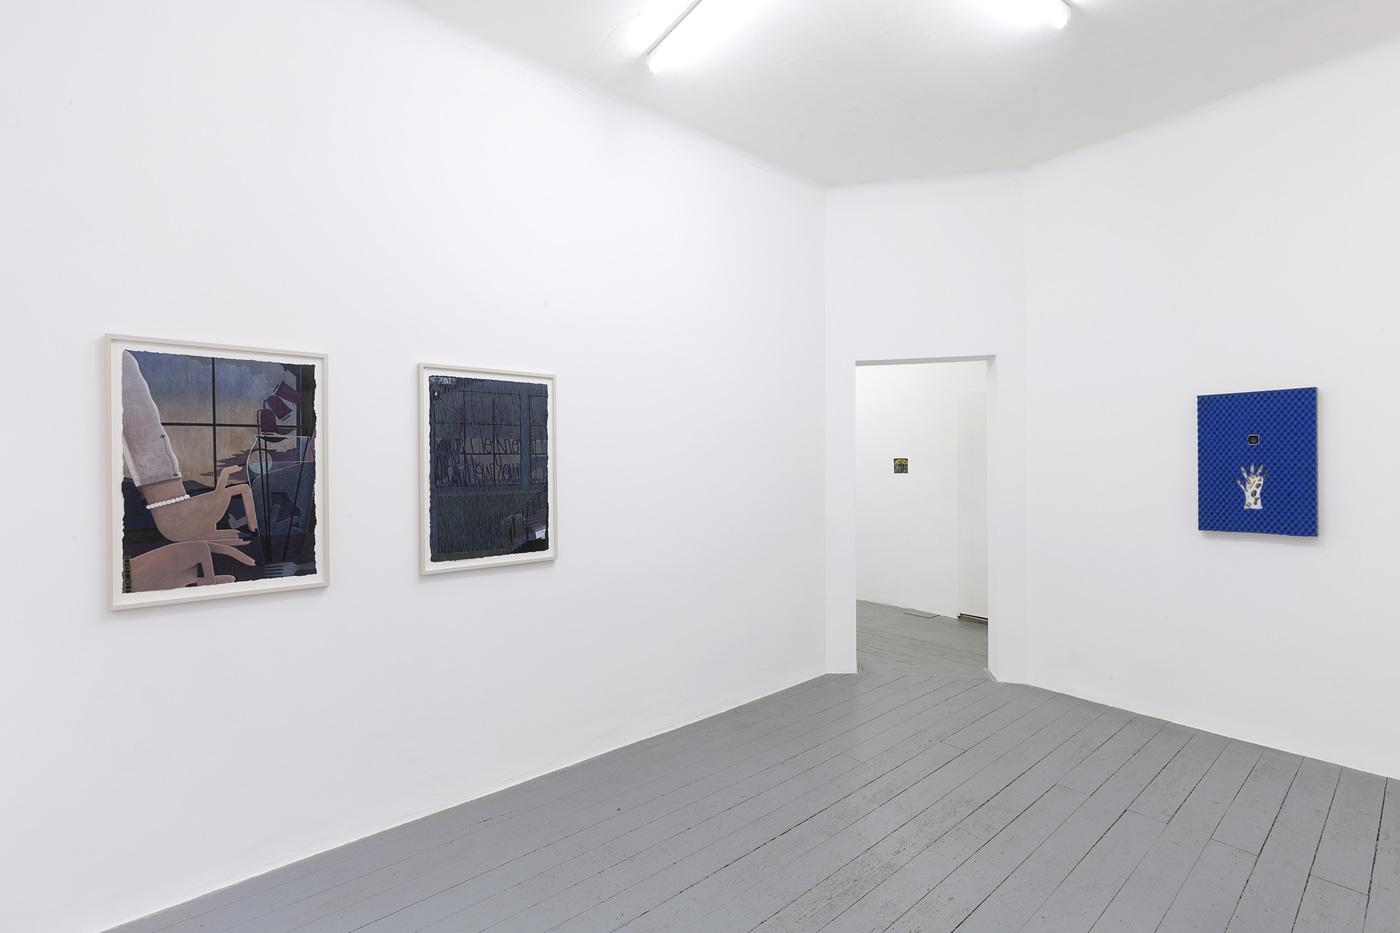 012_installation